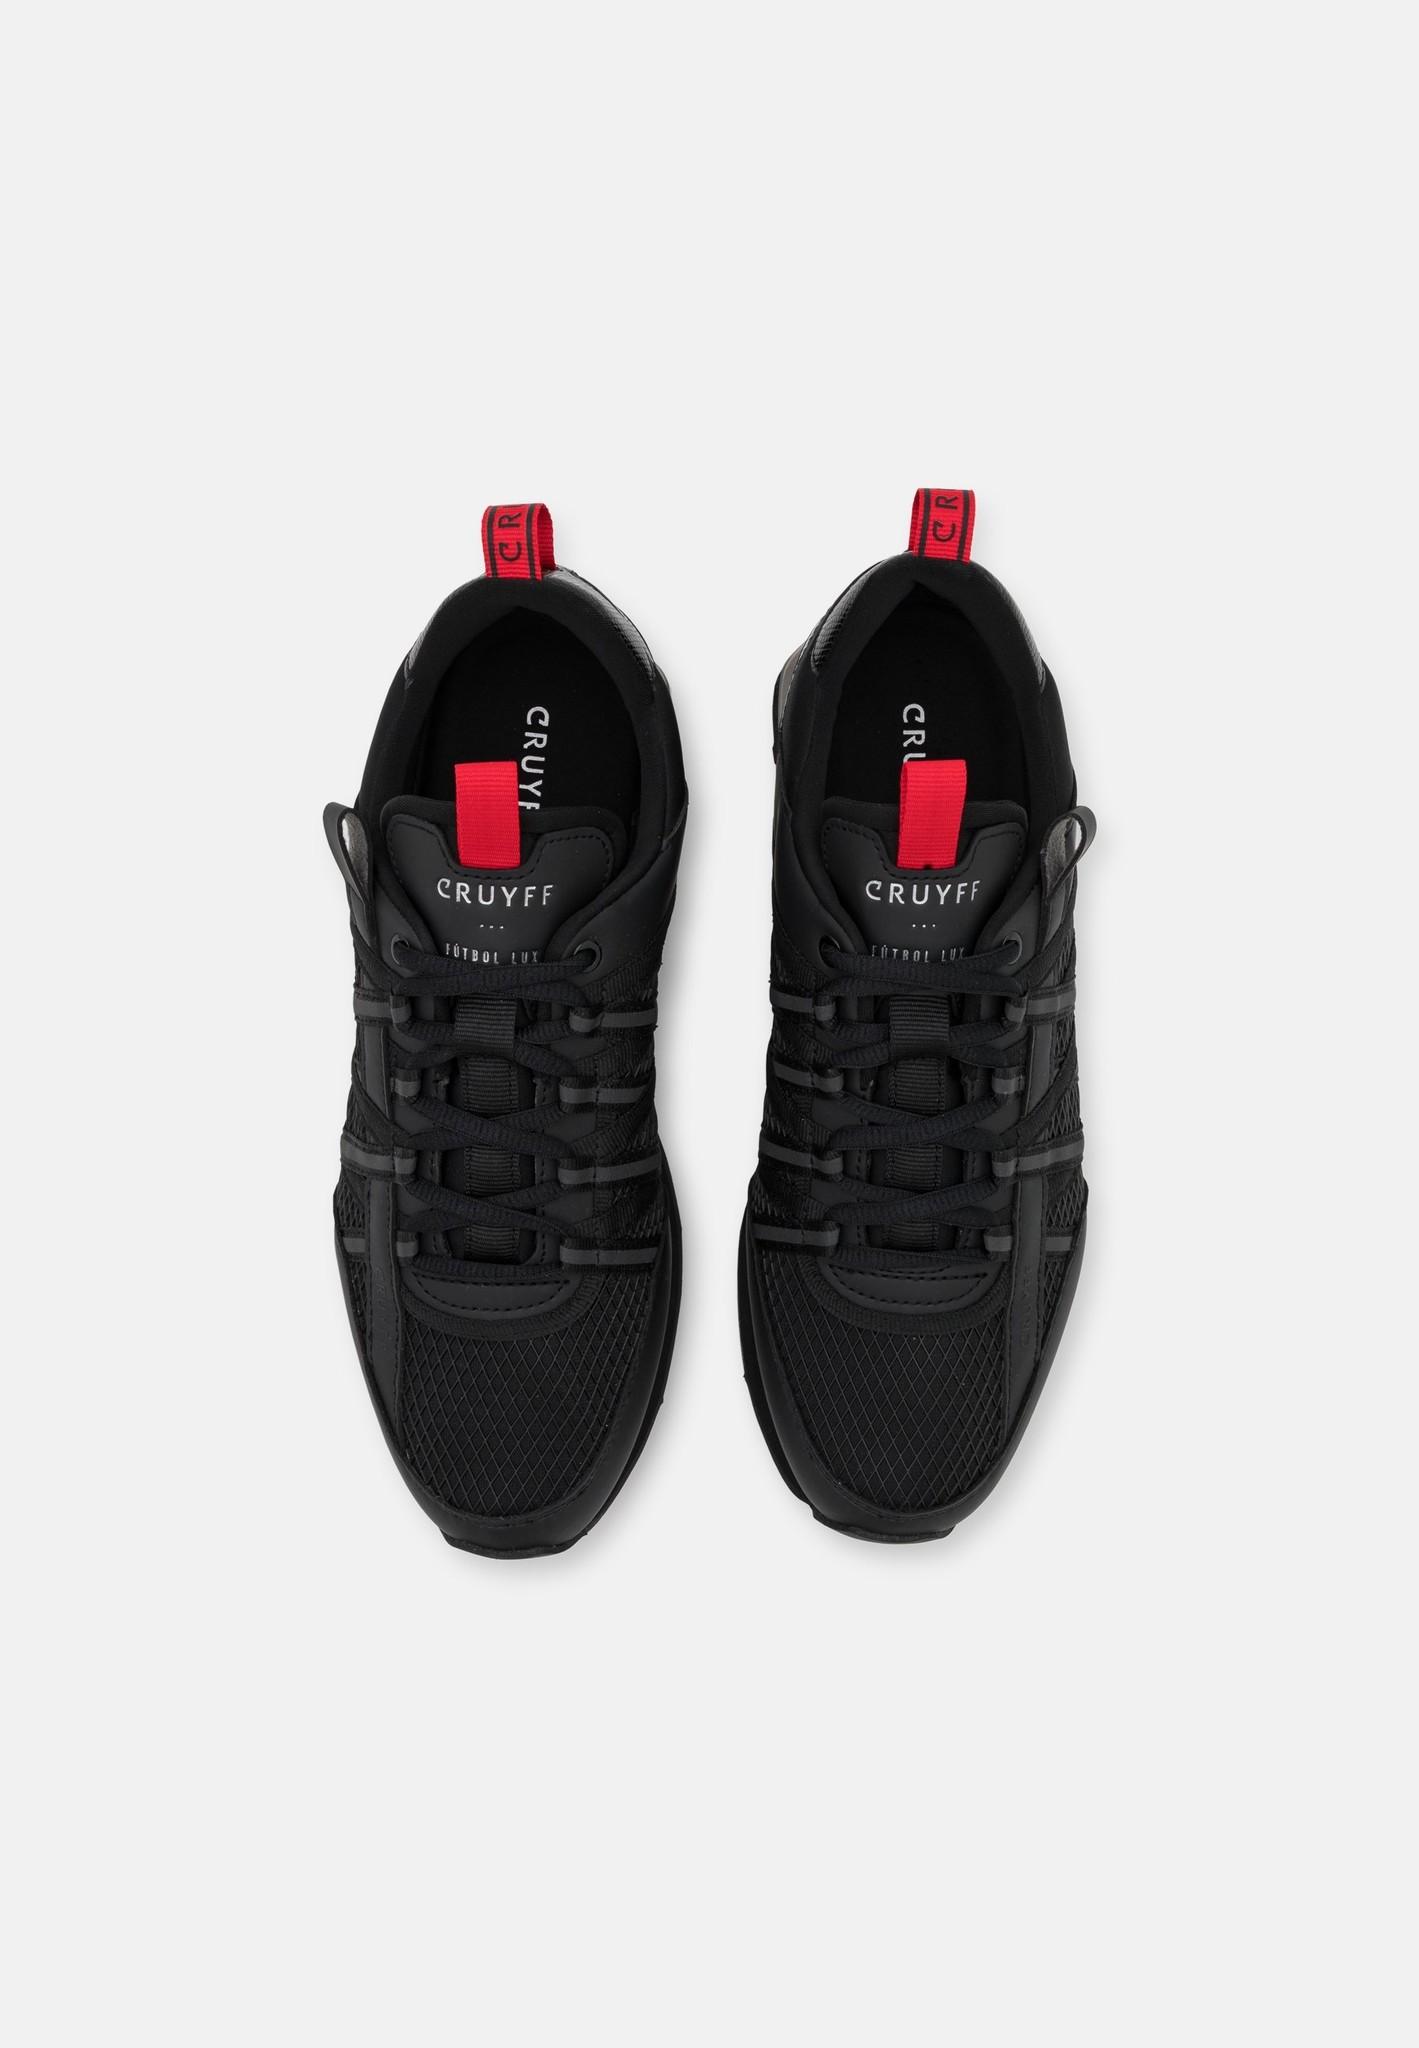 Fearia cruyff black-red-4